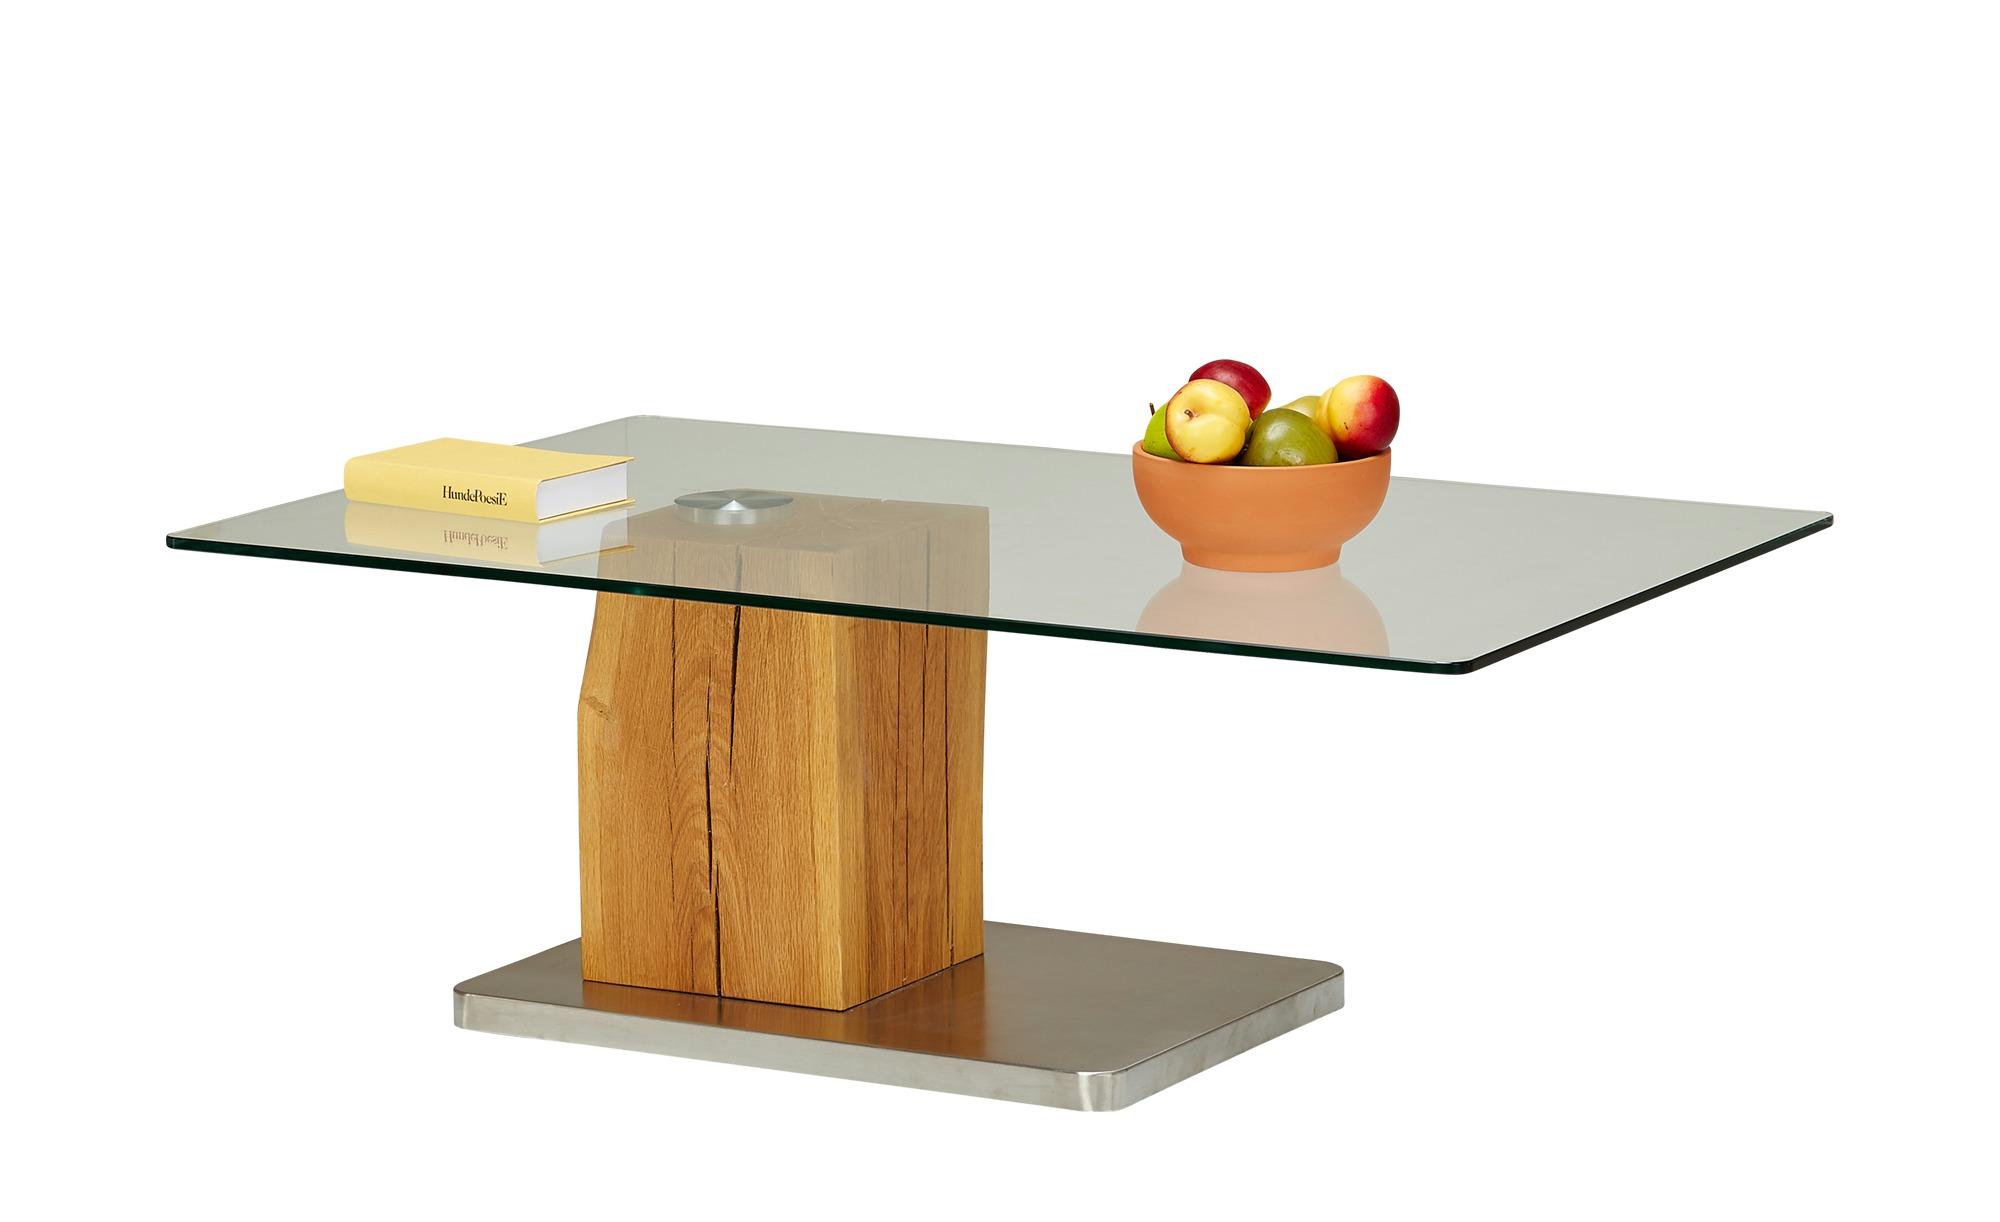 Couchtisch Holz Metall Glas, gefunden bei Möbel Kraft